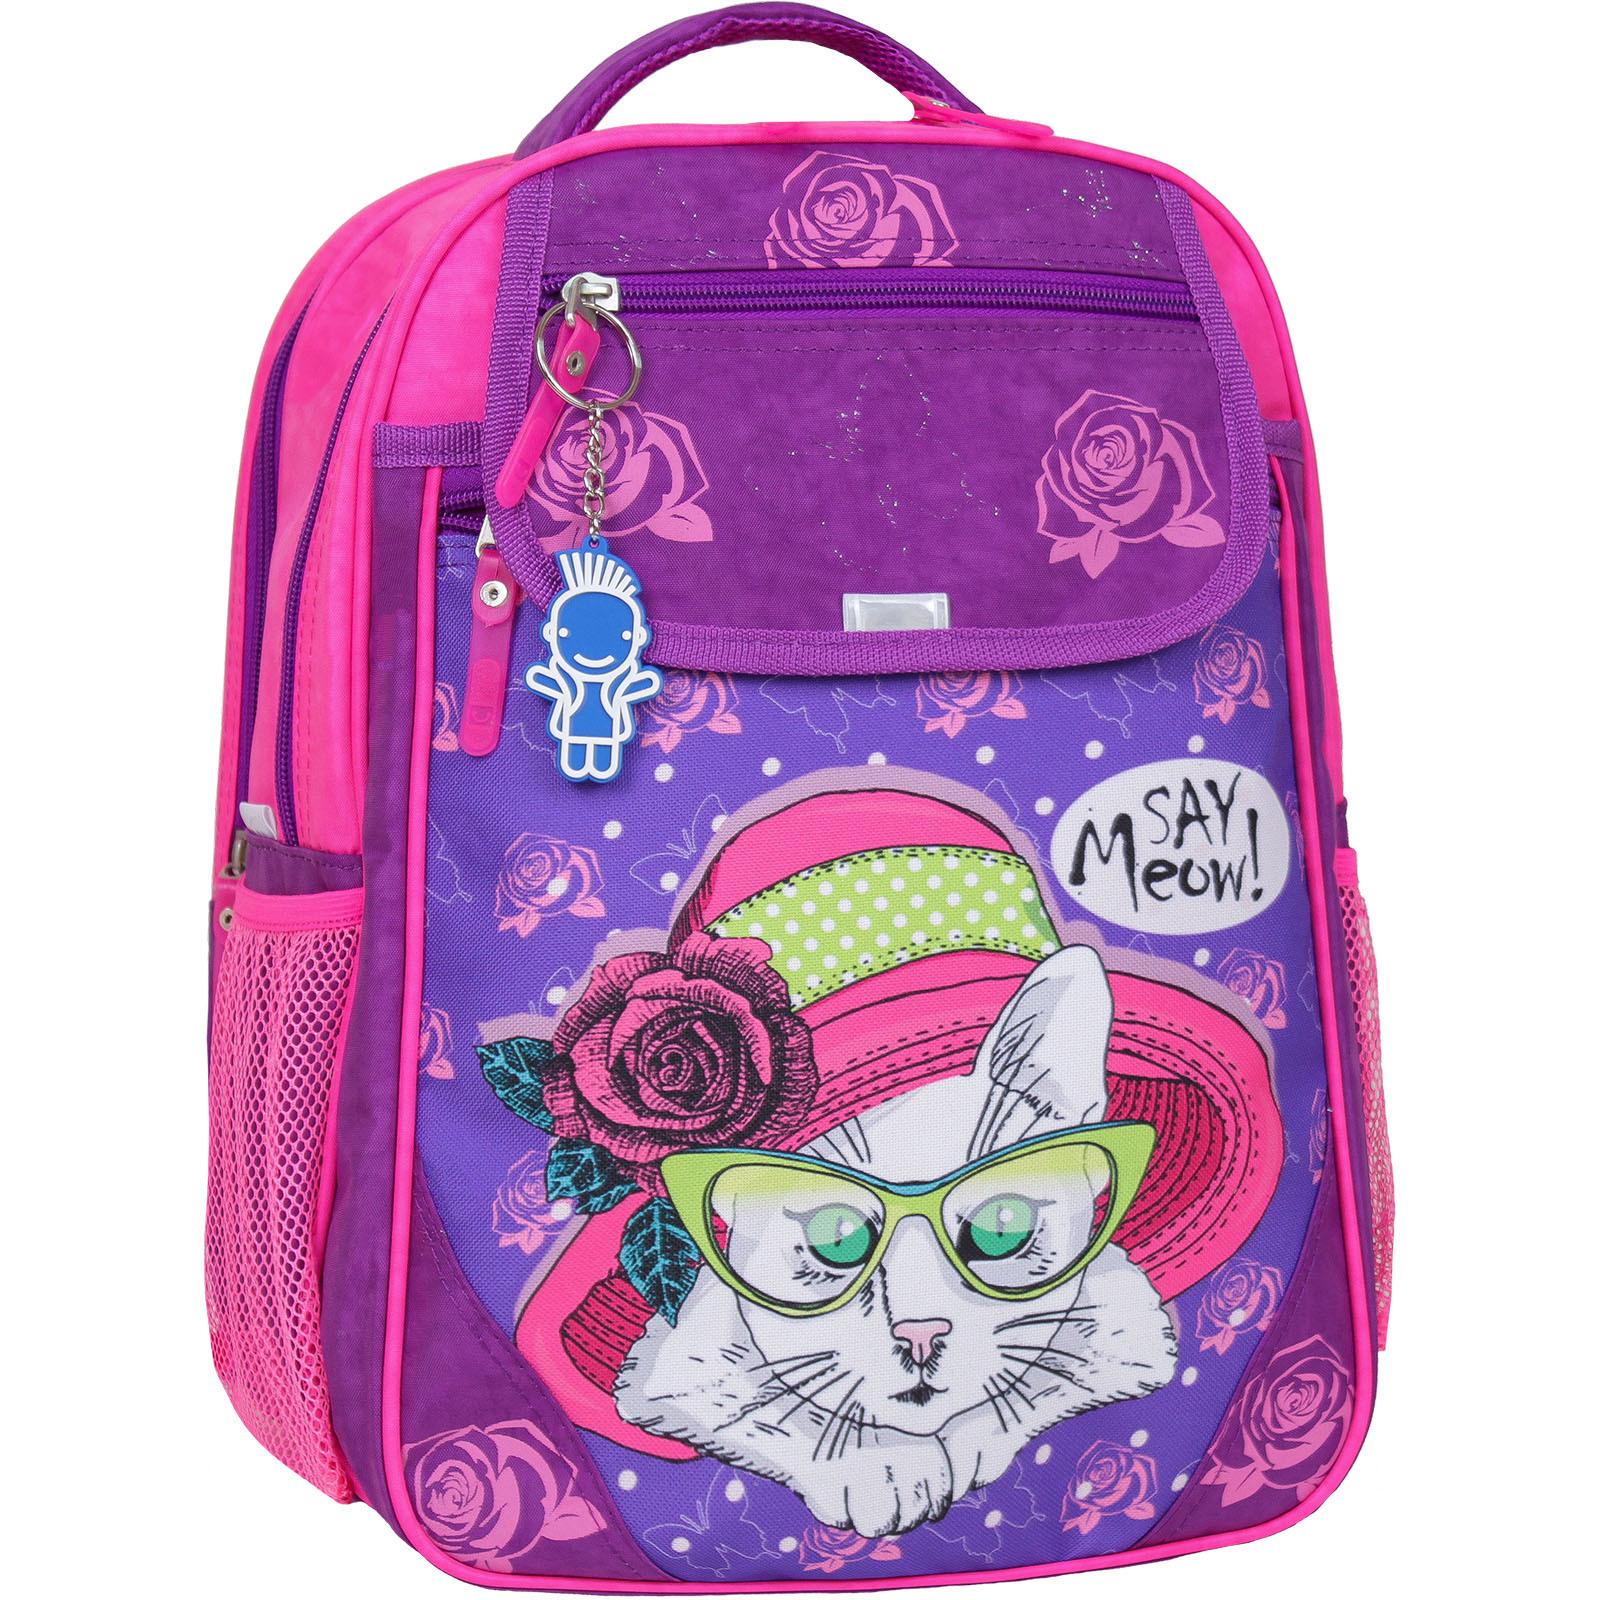 Школьные рюкзаки Рюкзак школьный Bagland Отличник 20 л. 339 фиолетовый 168к (0058070) 1600IMG_5532_168к.jpg